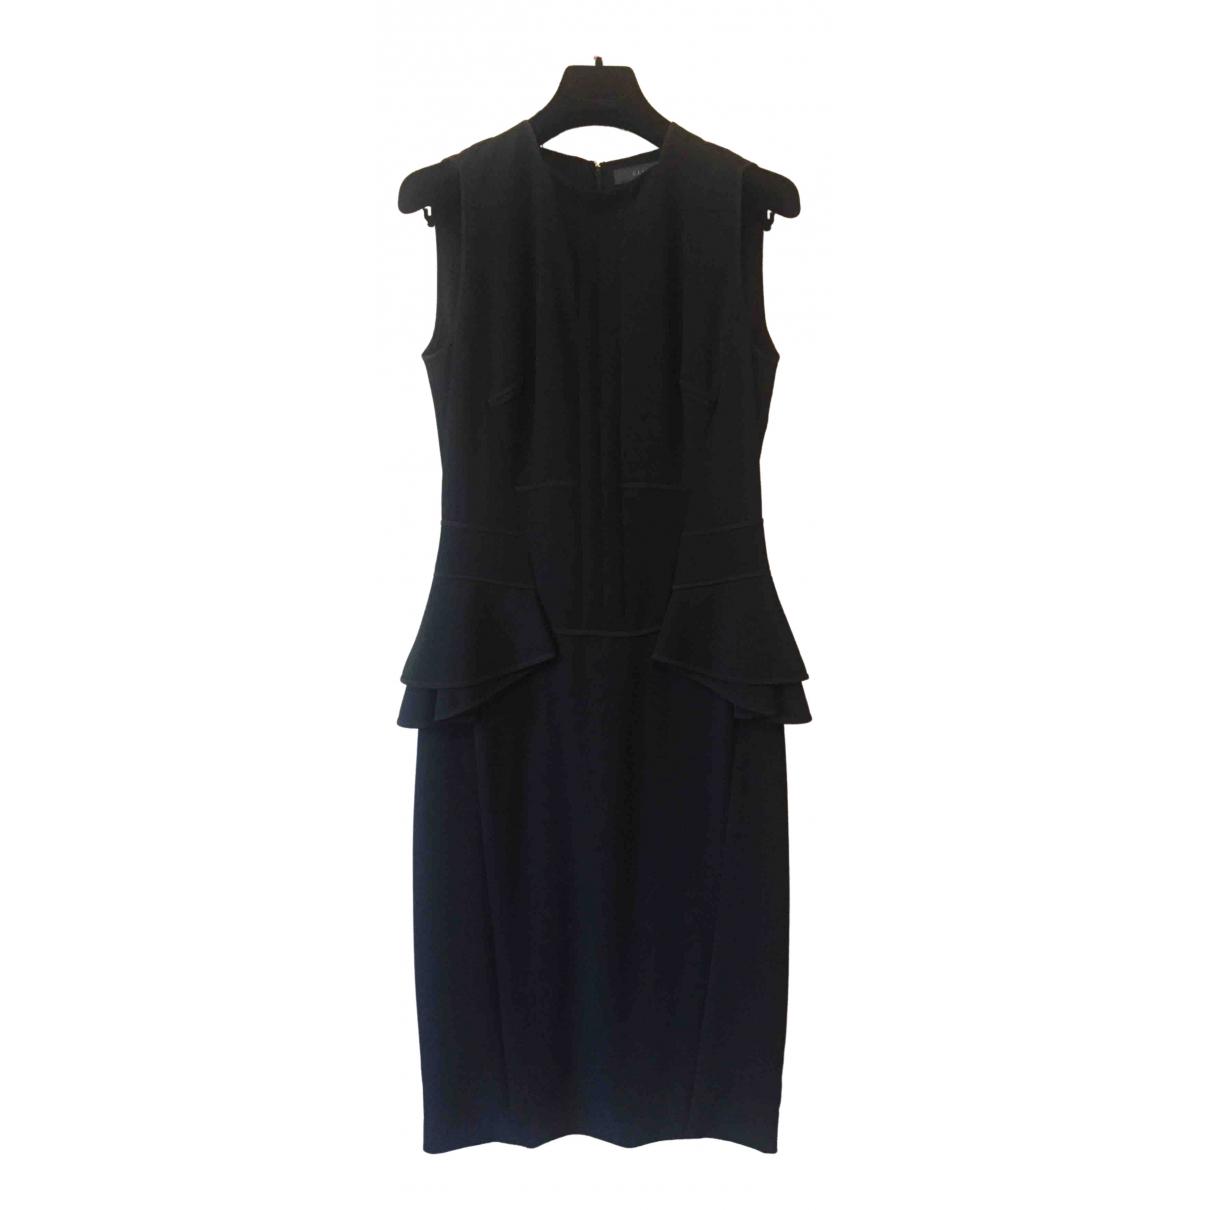 Elie Saab \N Kleid in  Schwarz Wolle